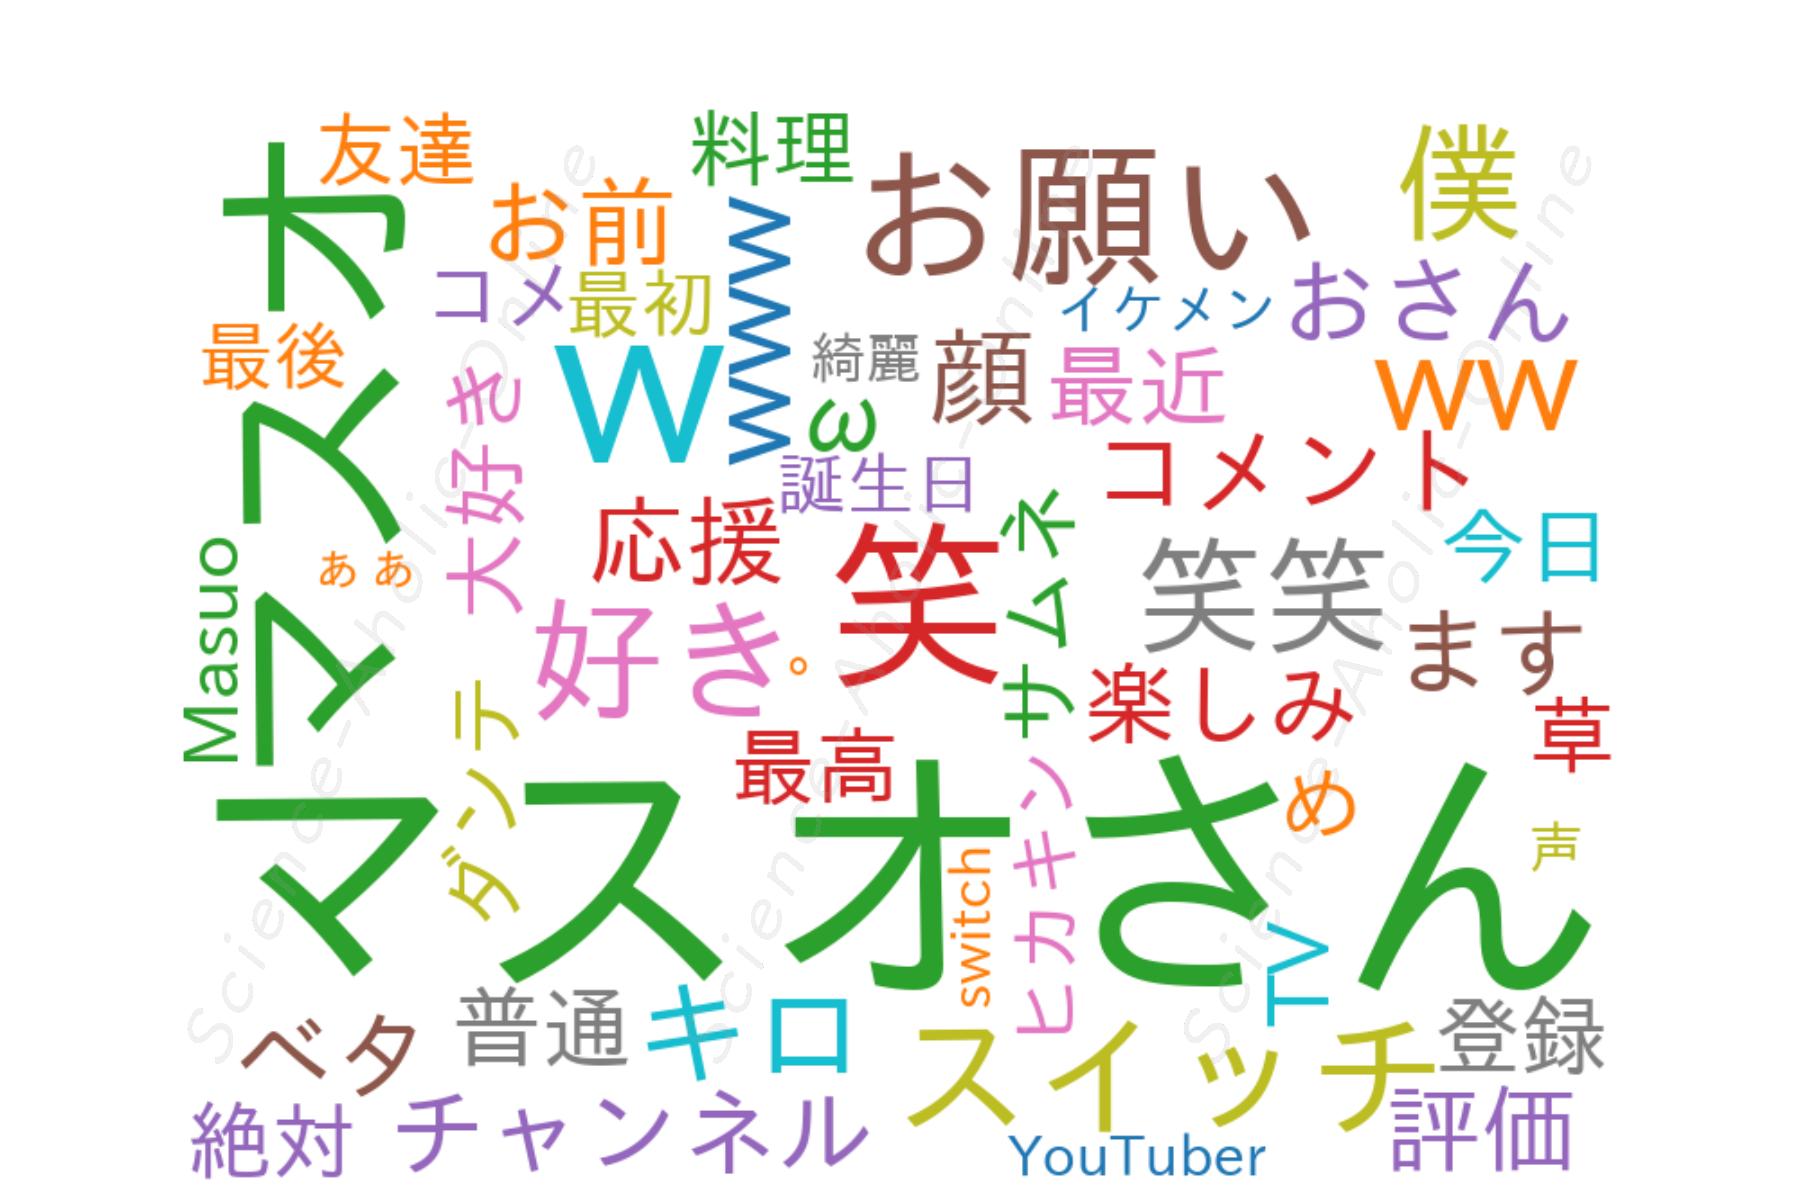 wordcloud_MasuoTV